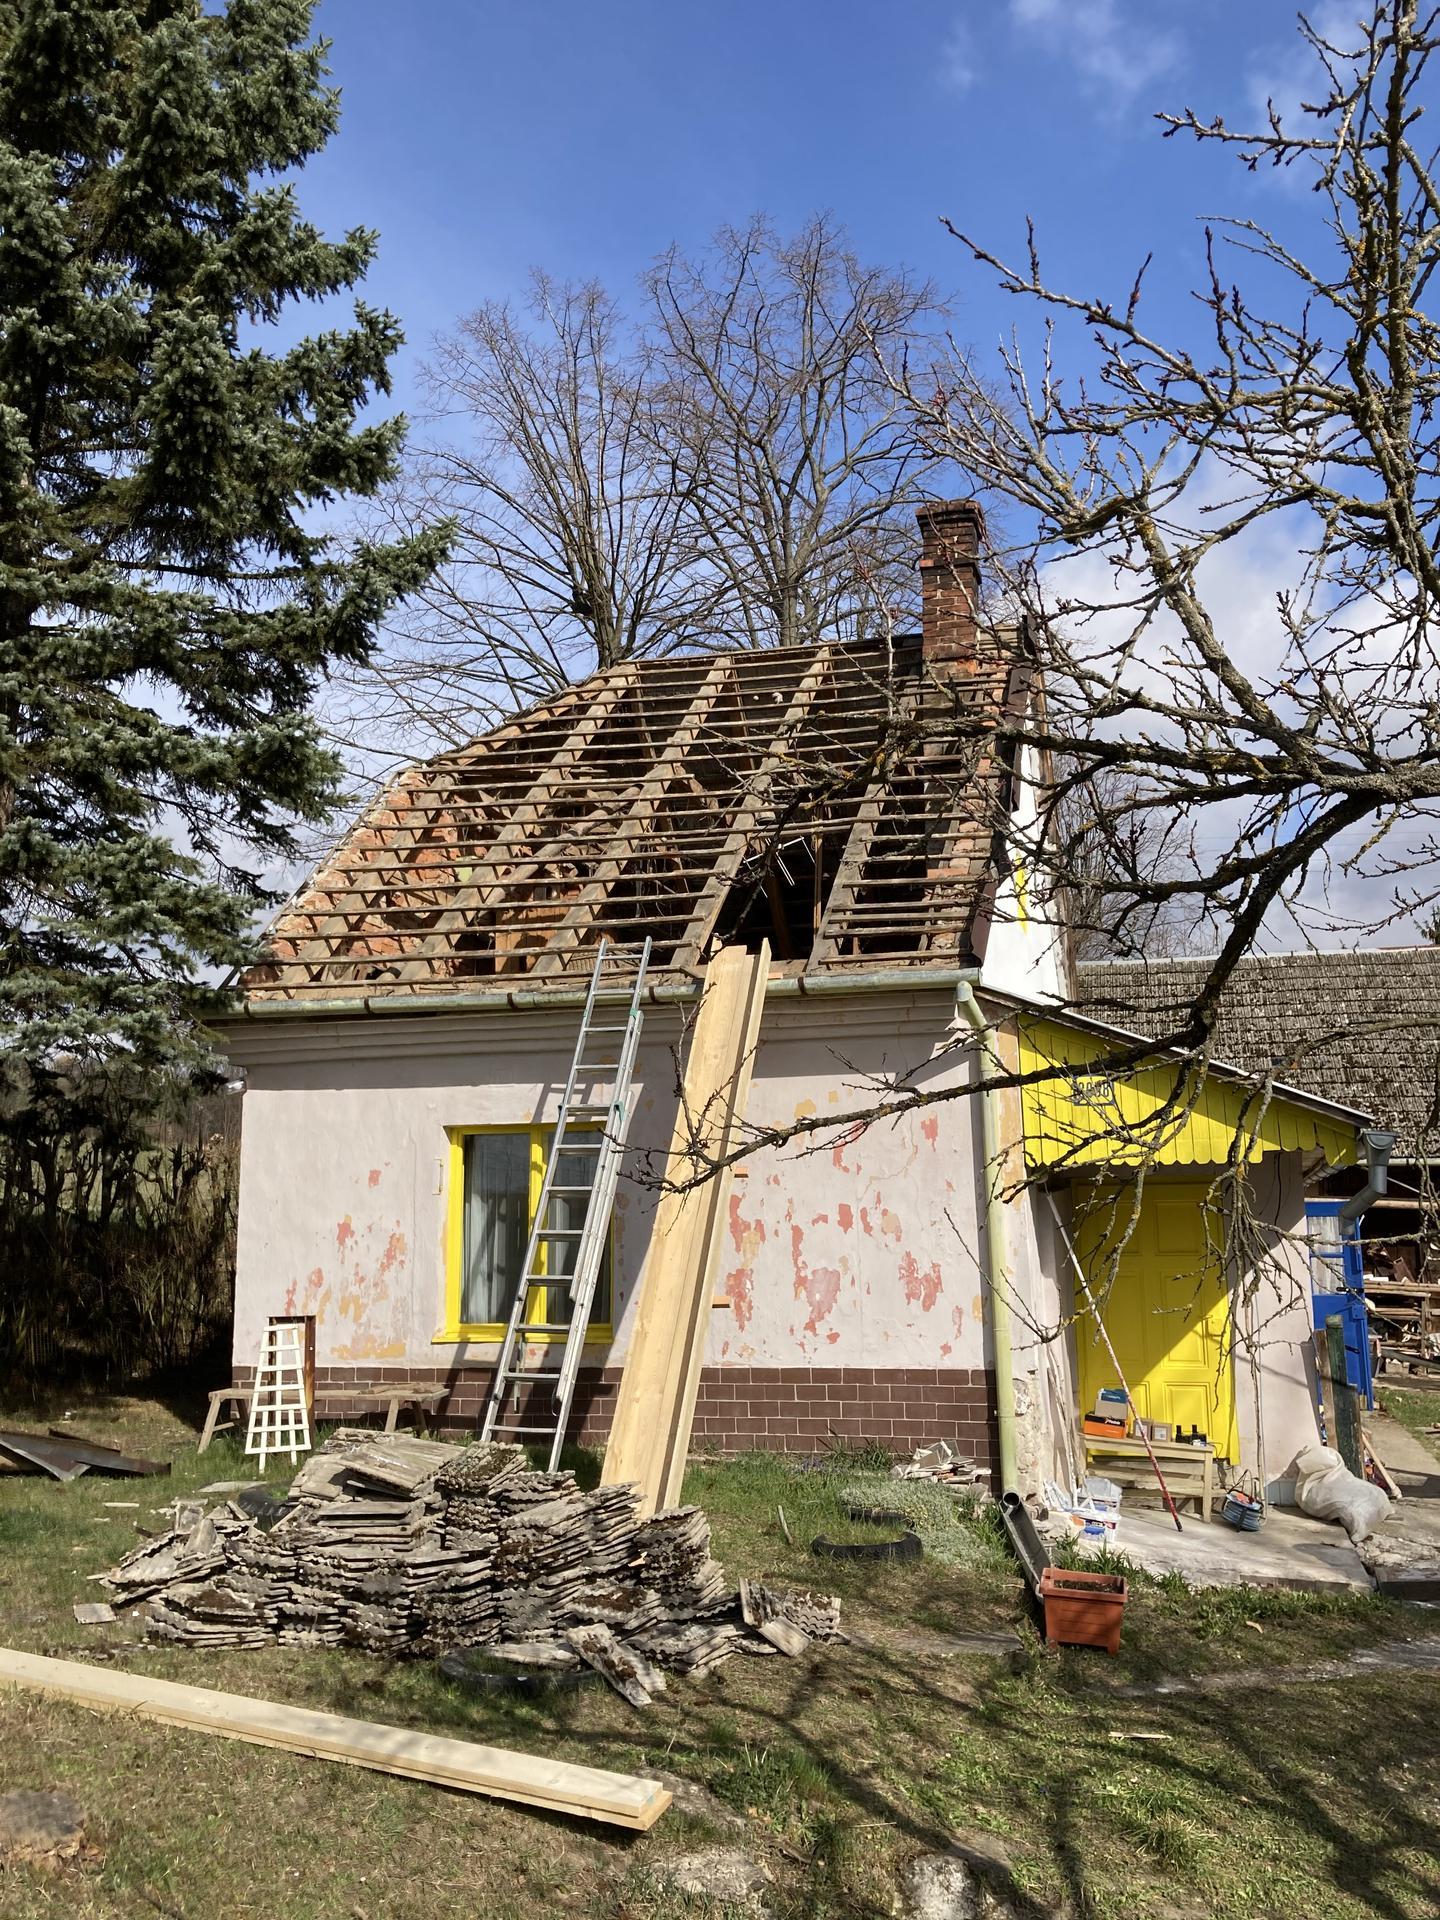 Dom - veľmi veľká diera v streche ;)